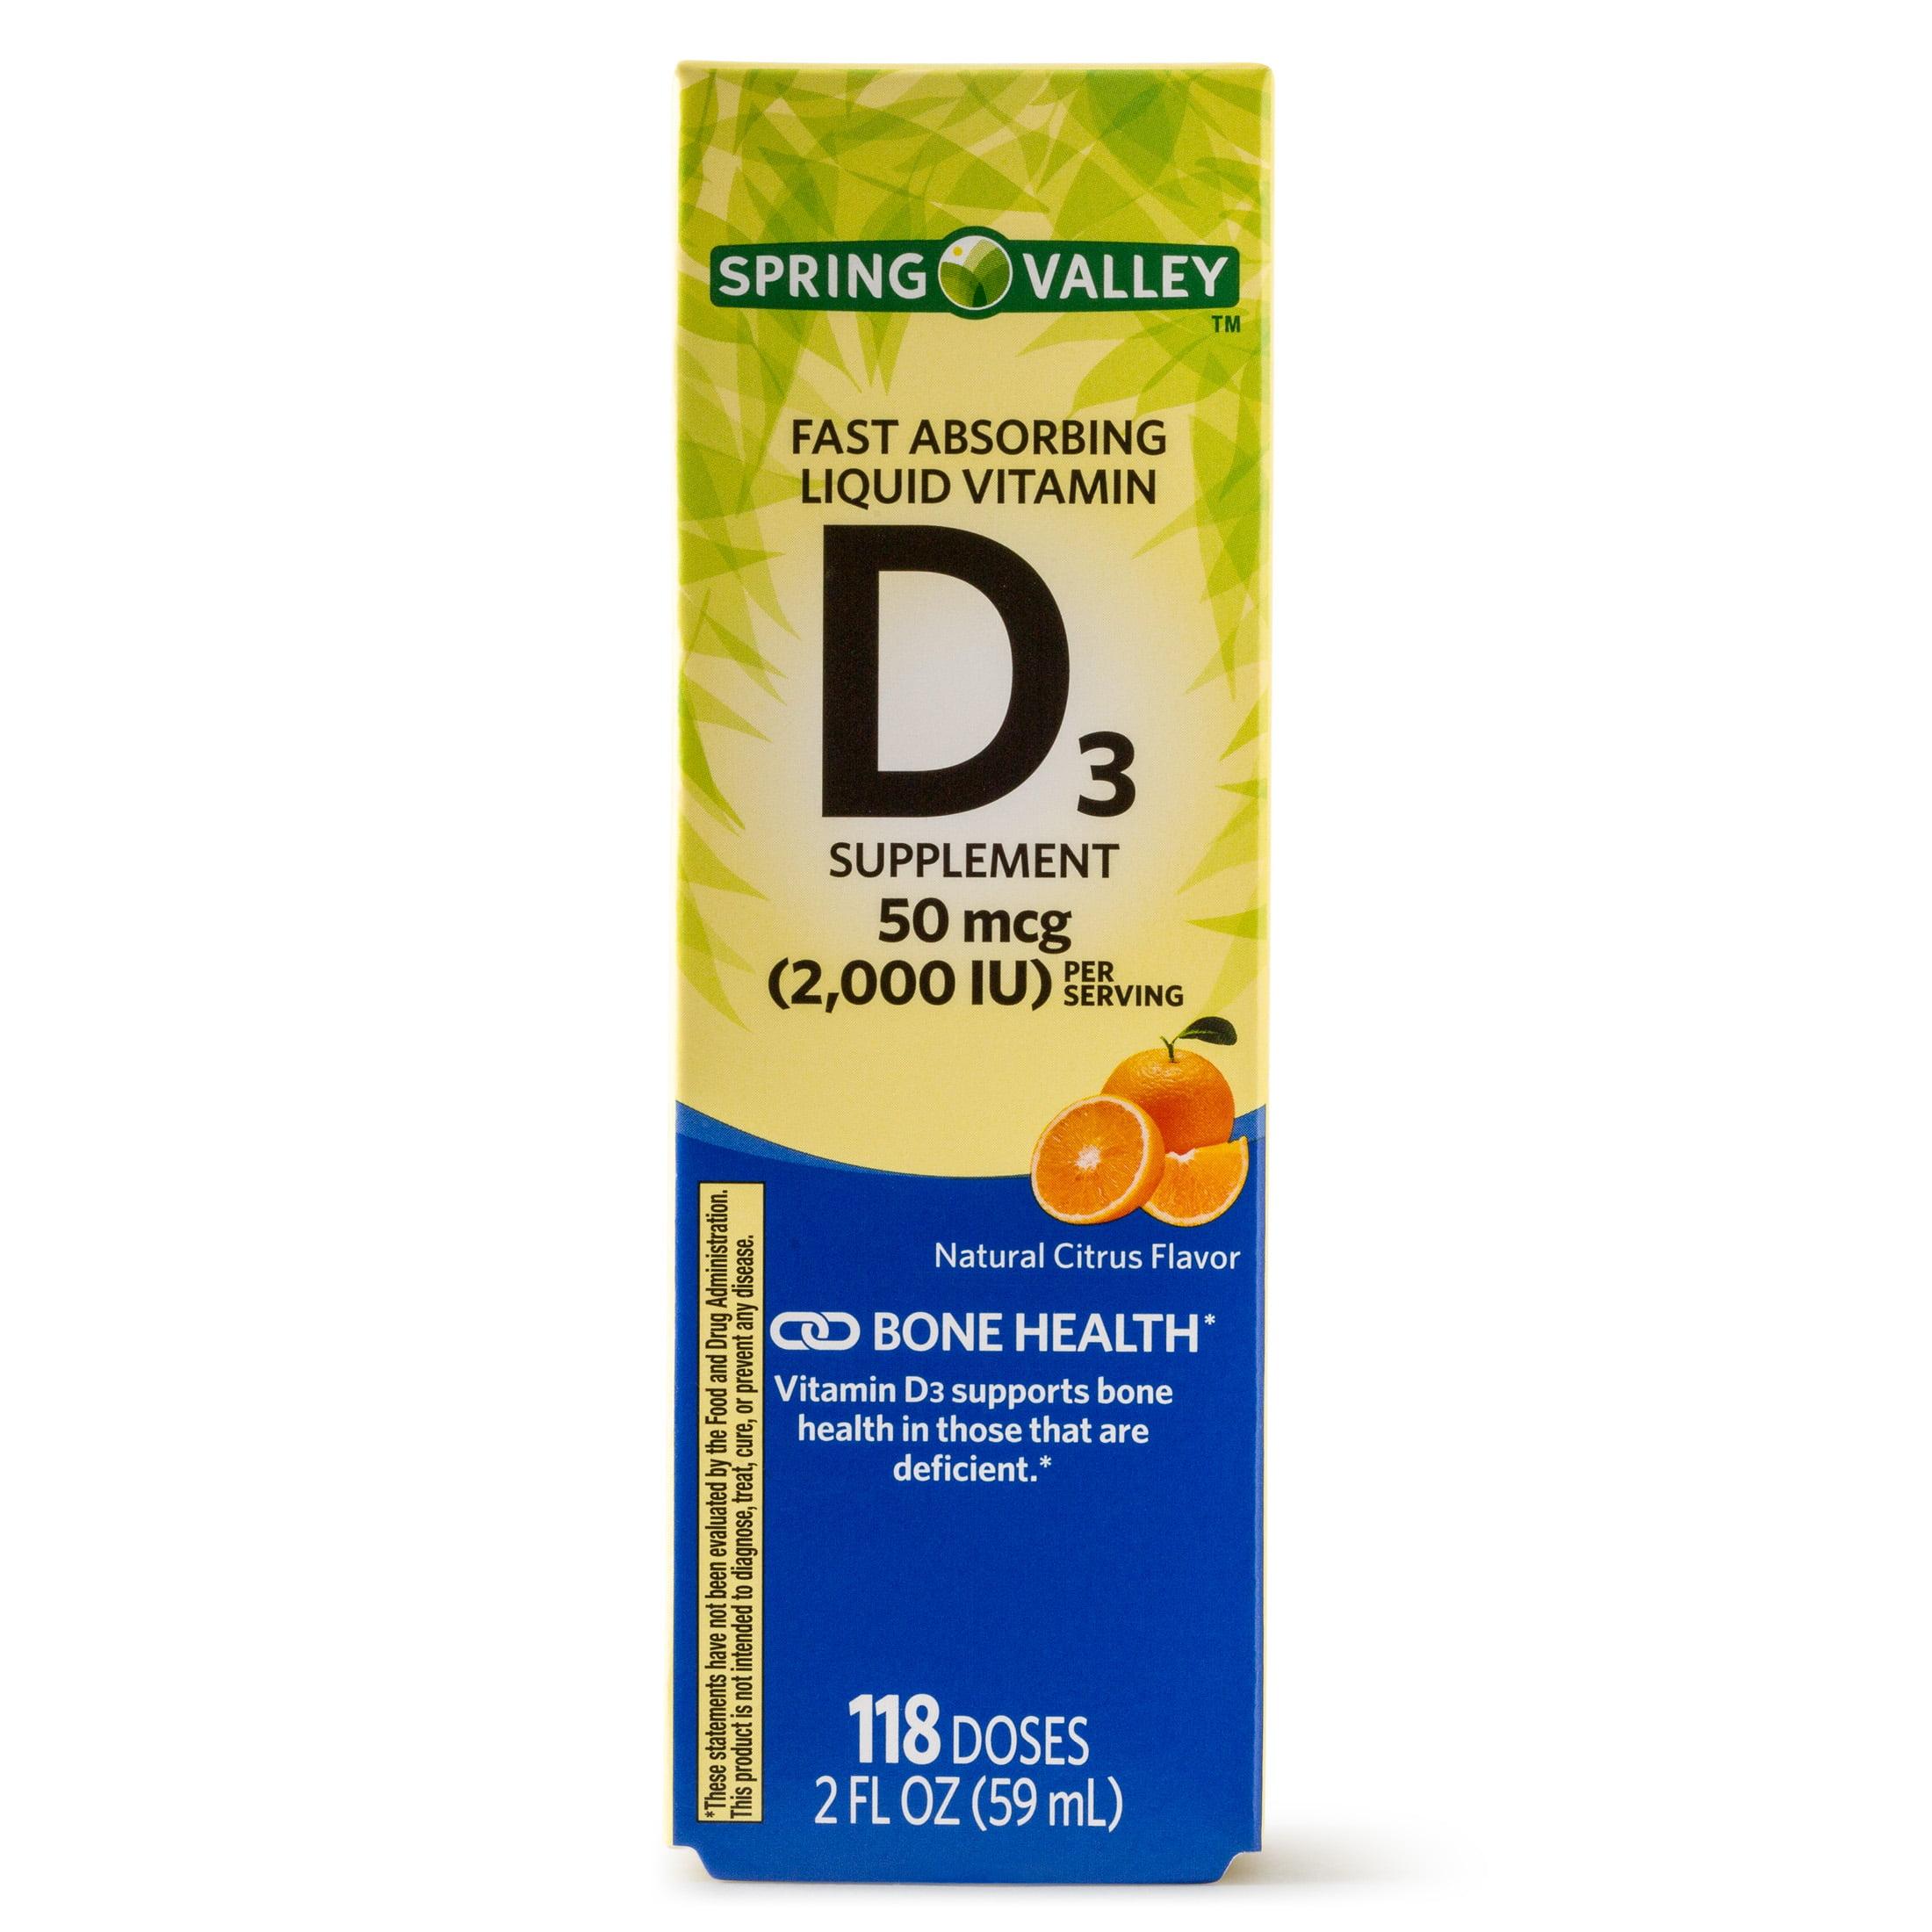 Spring Valley Liquid Vitamin D3, Citrus Flavor, 2000 IU per Serving ...